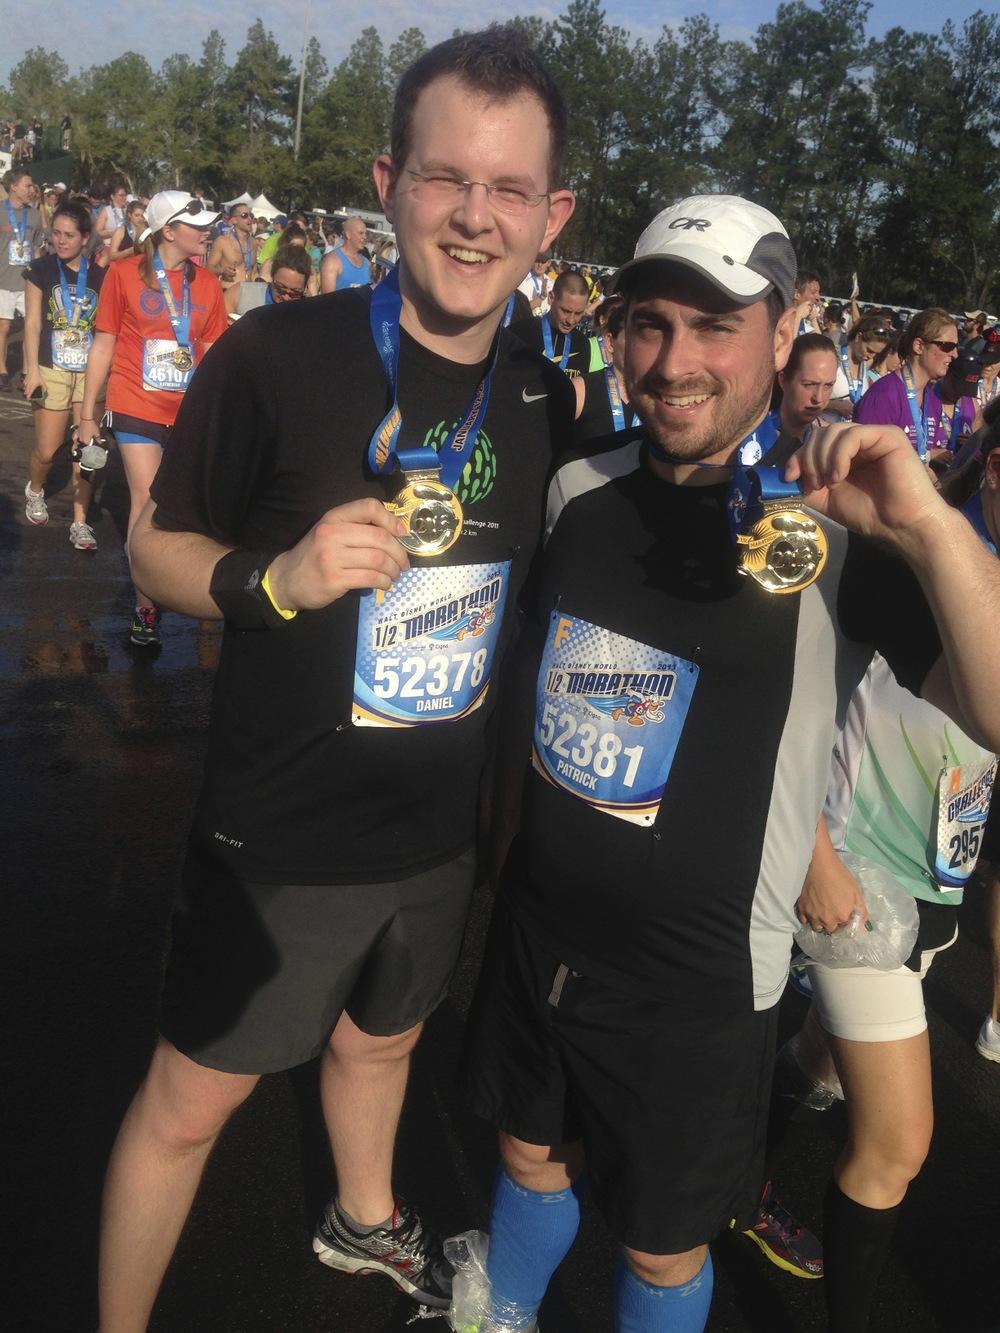 The Walt Disney World Half-Marathon was quite the adventure.